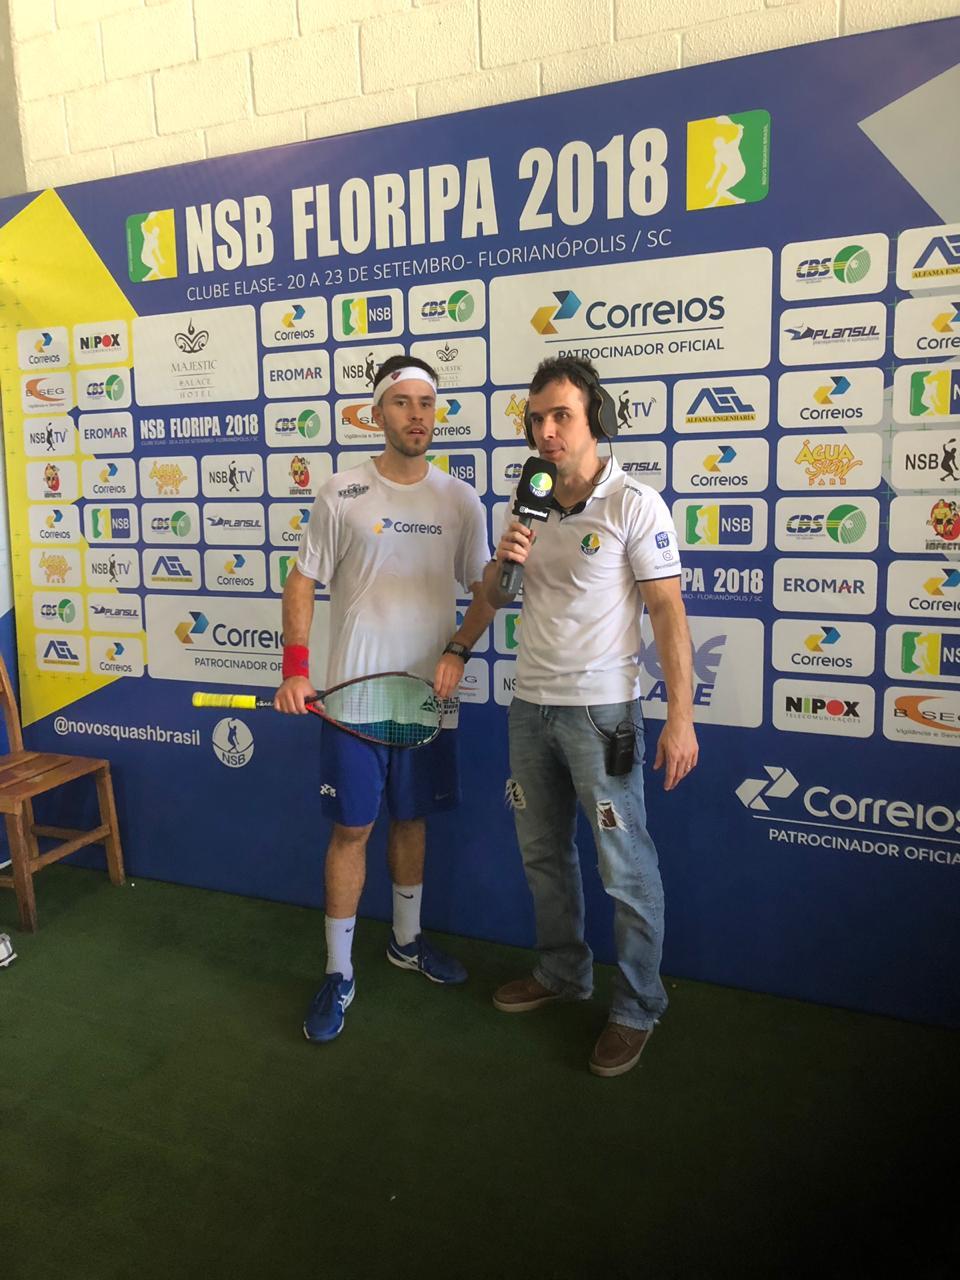 Circuito de Squash Profissional – NSB tem decisão da sétima etapa neste domingo em Florianópolis